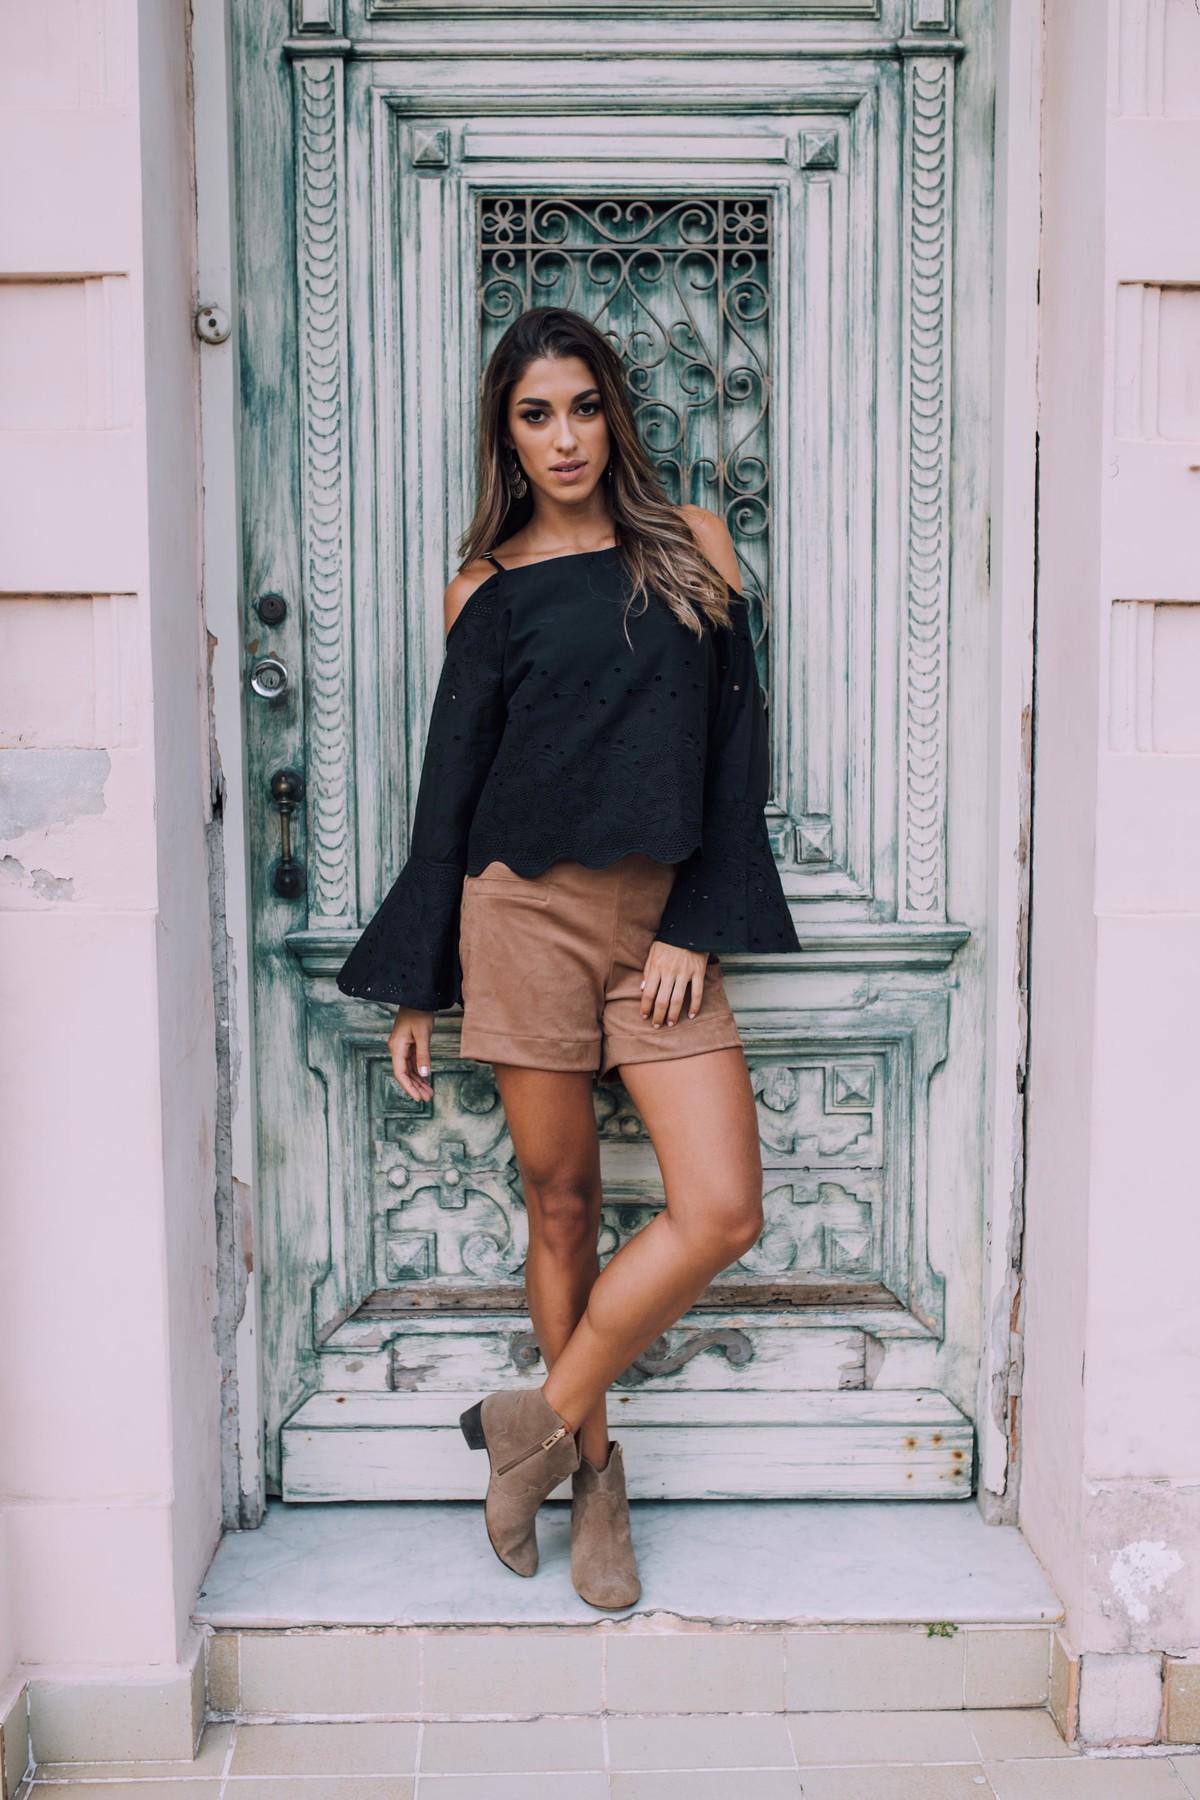 editorial sgaria centro vitoria moda capixaba style boho fotos loja polo moda gloria